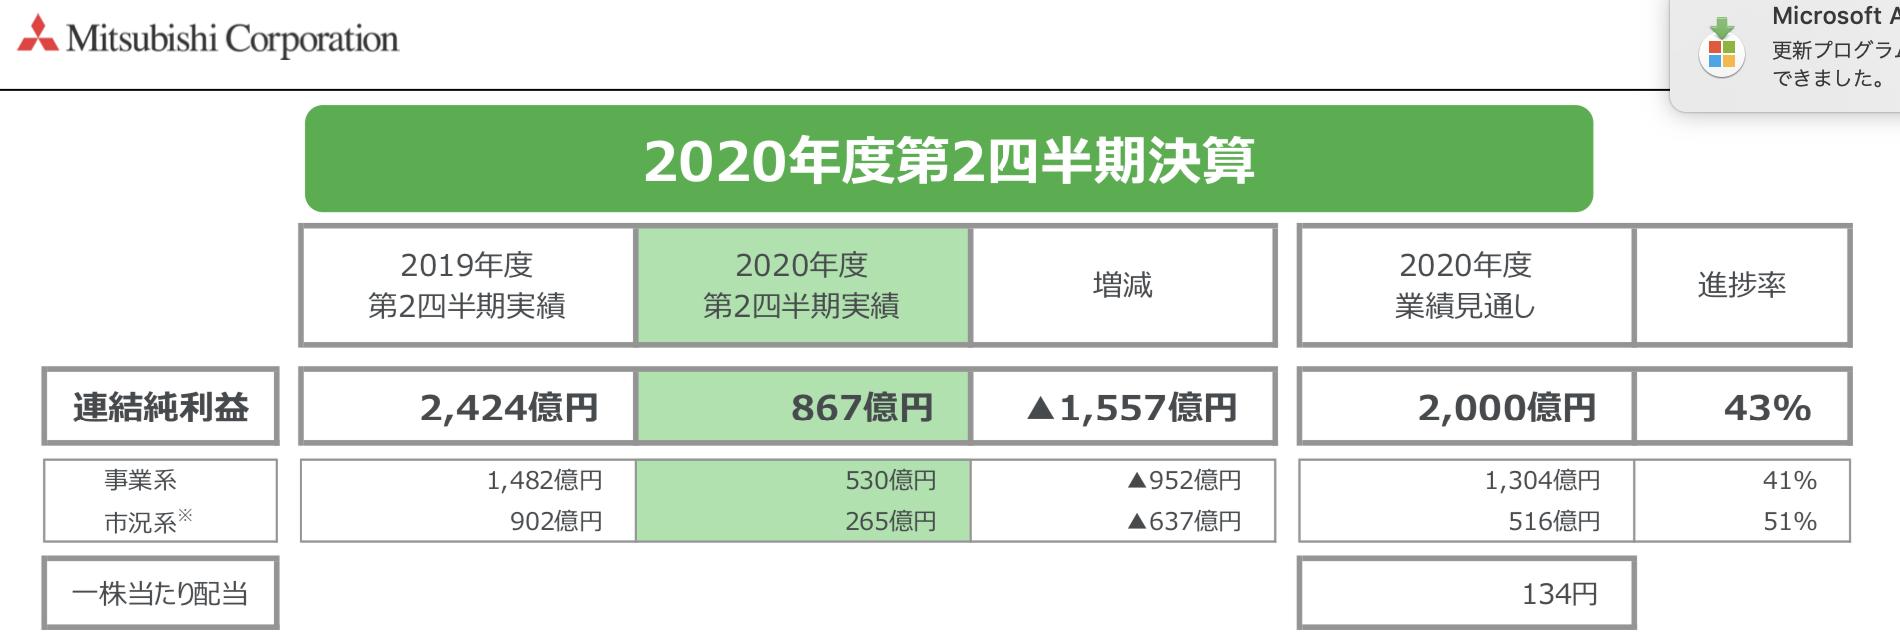 三菱商事  2020年度第2四半期決算